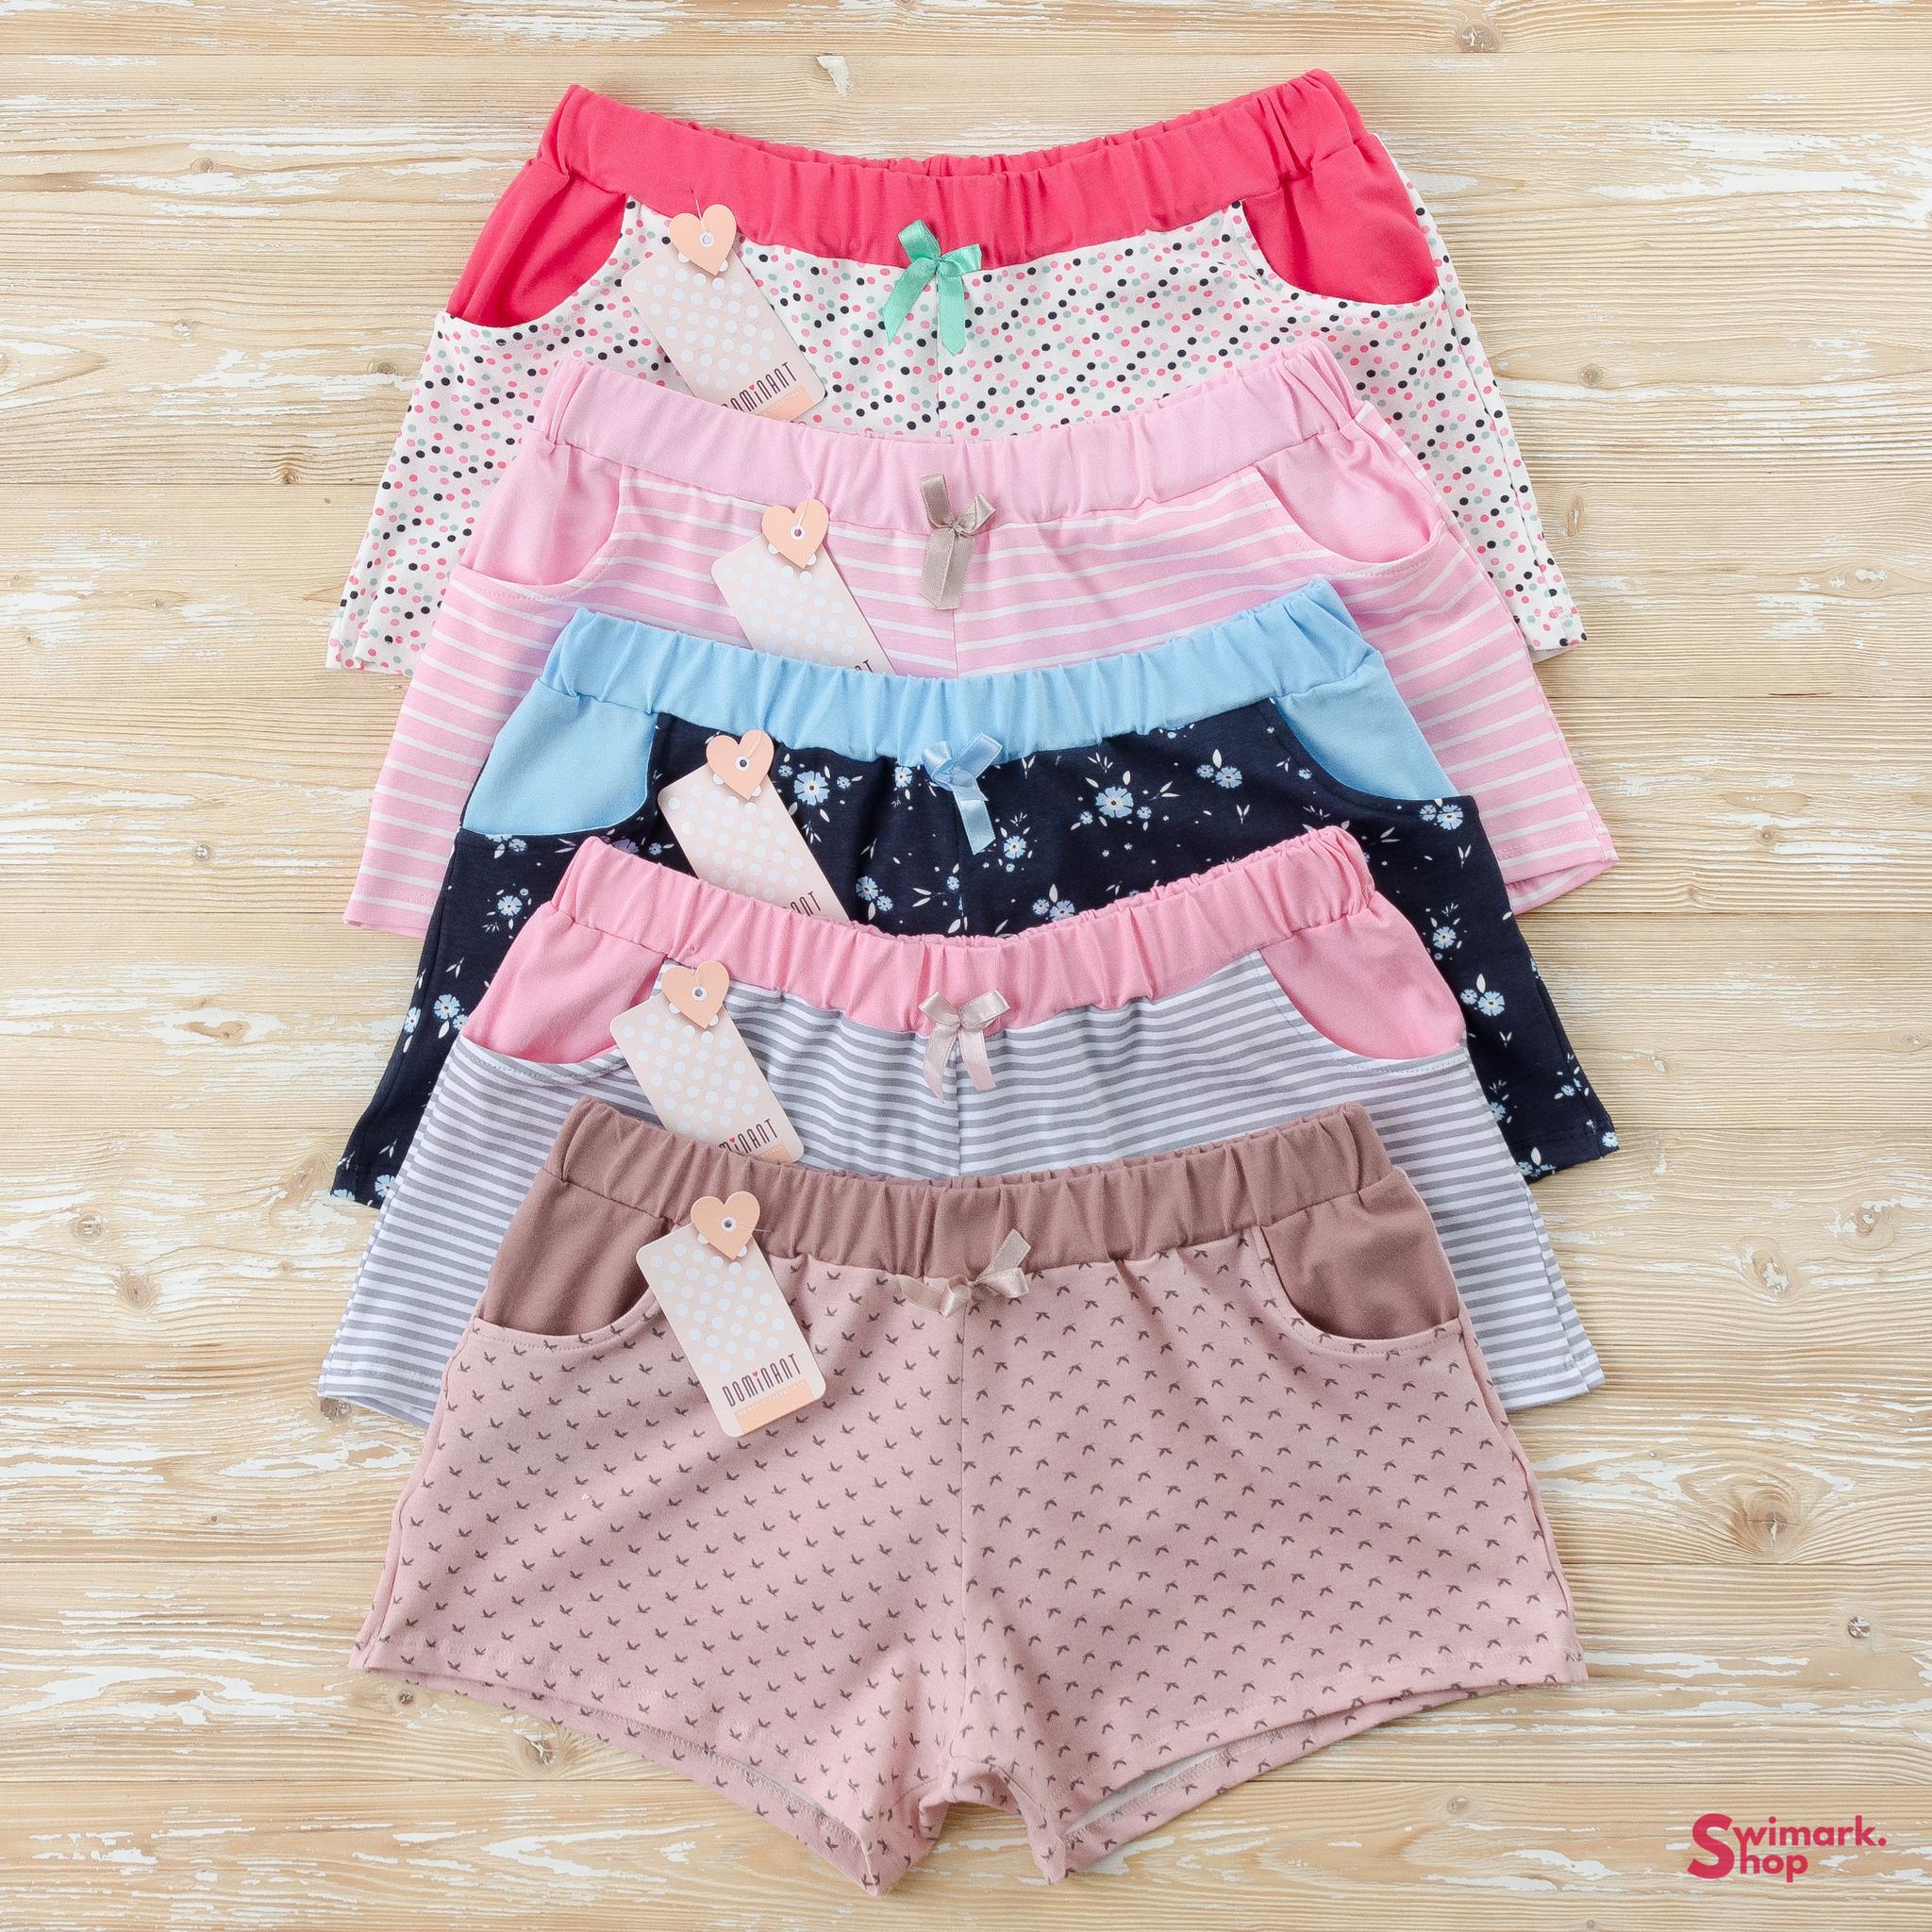 Пижамы Шортики пижамные DOMINANT 28478 DSC_4791.jpg